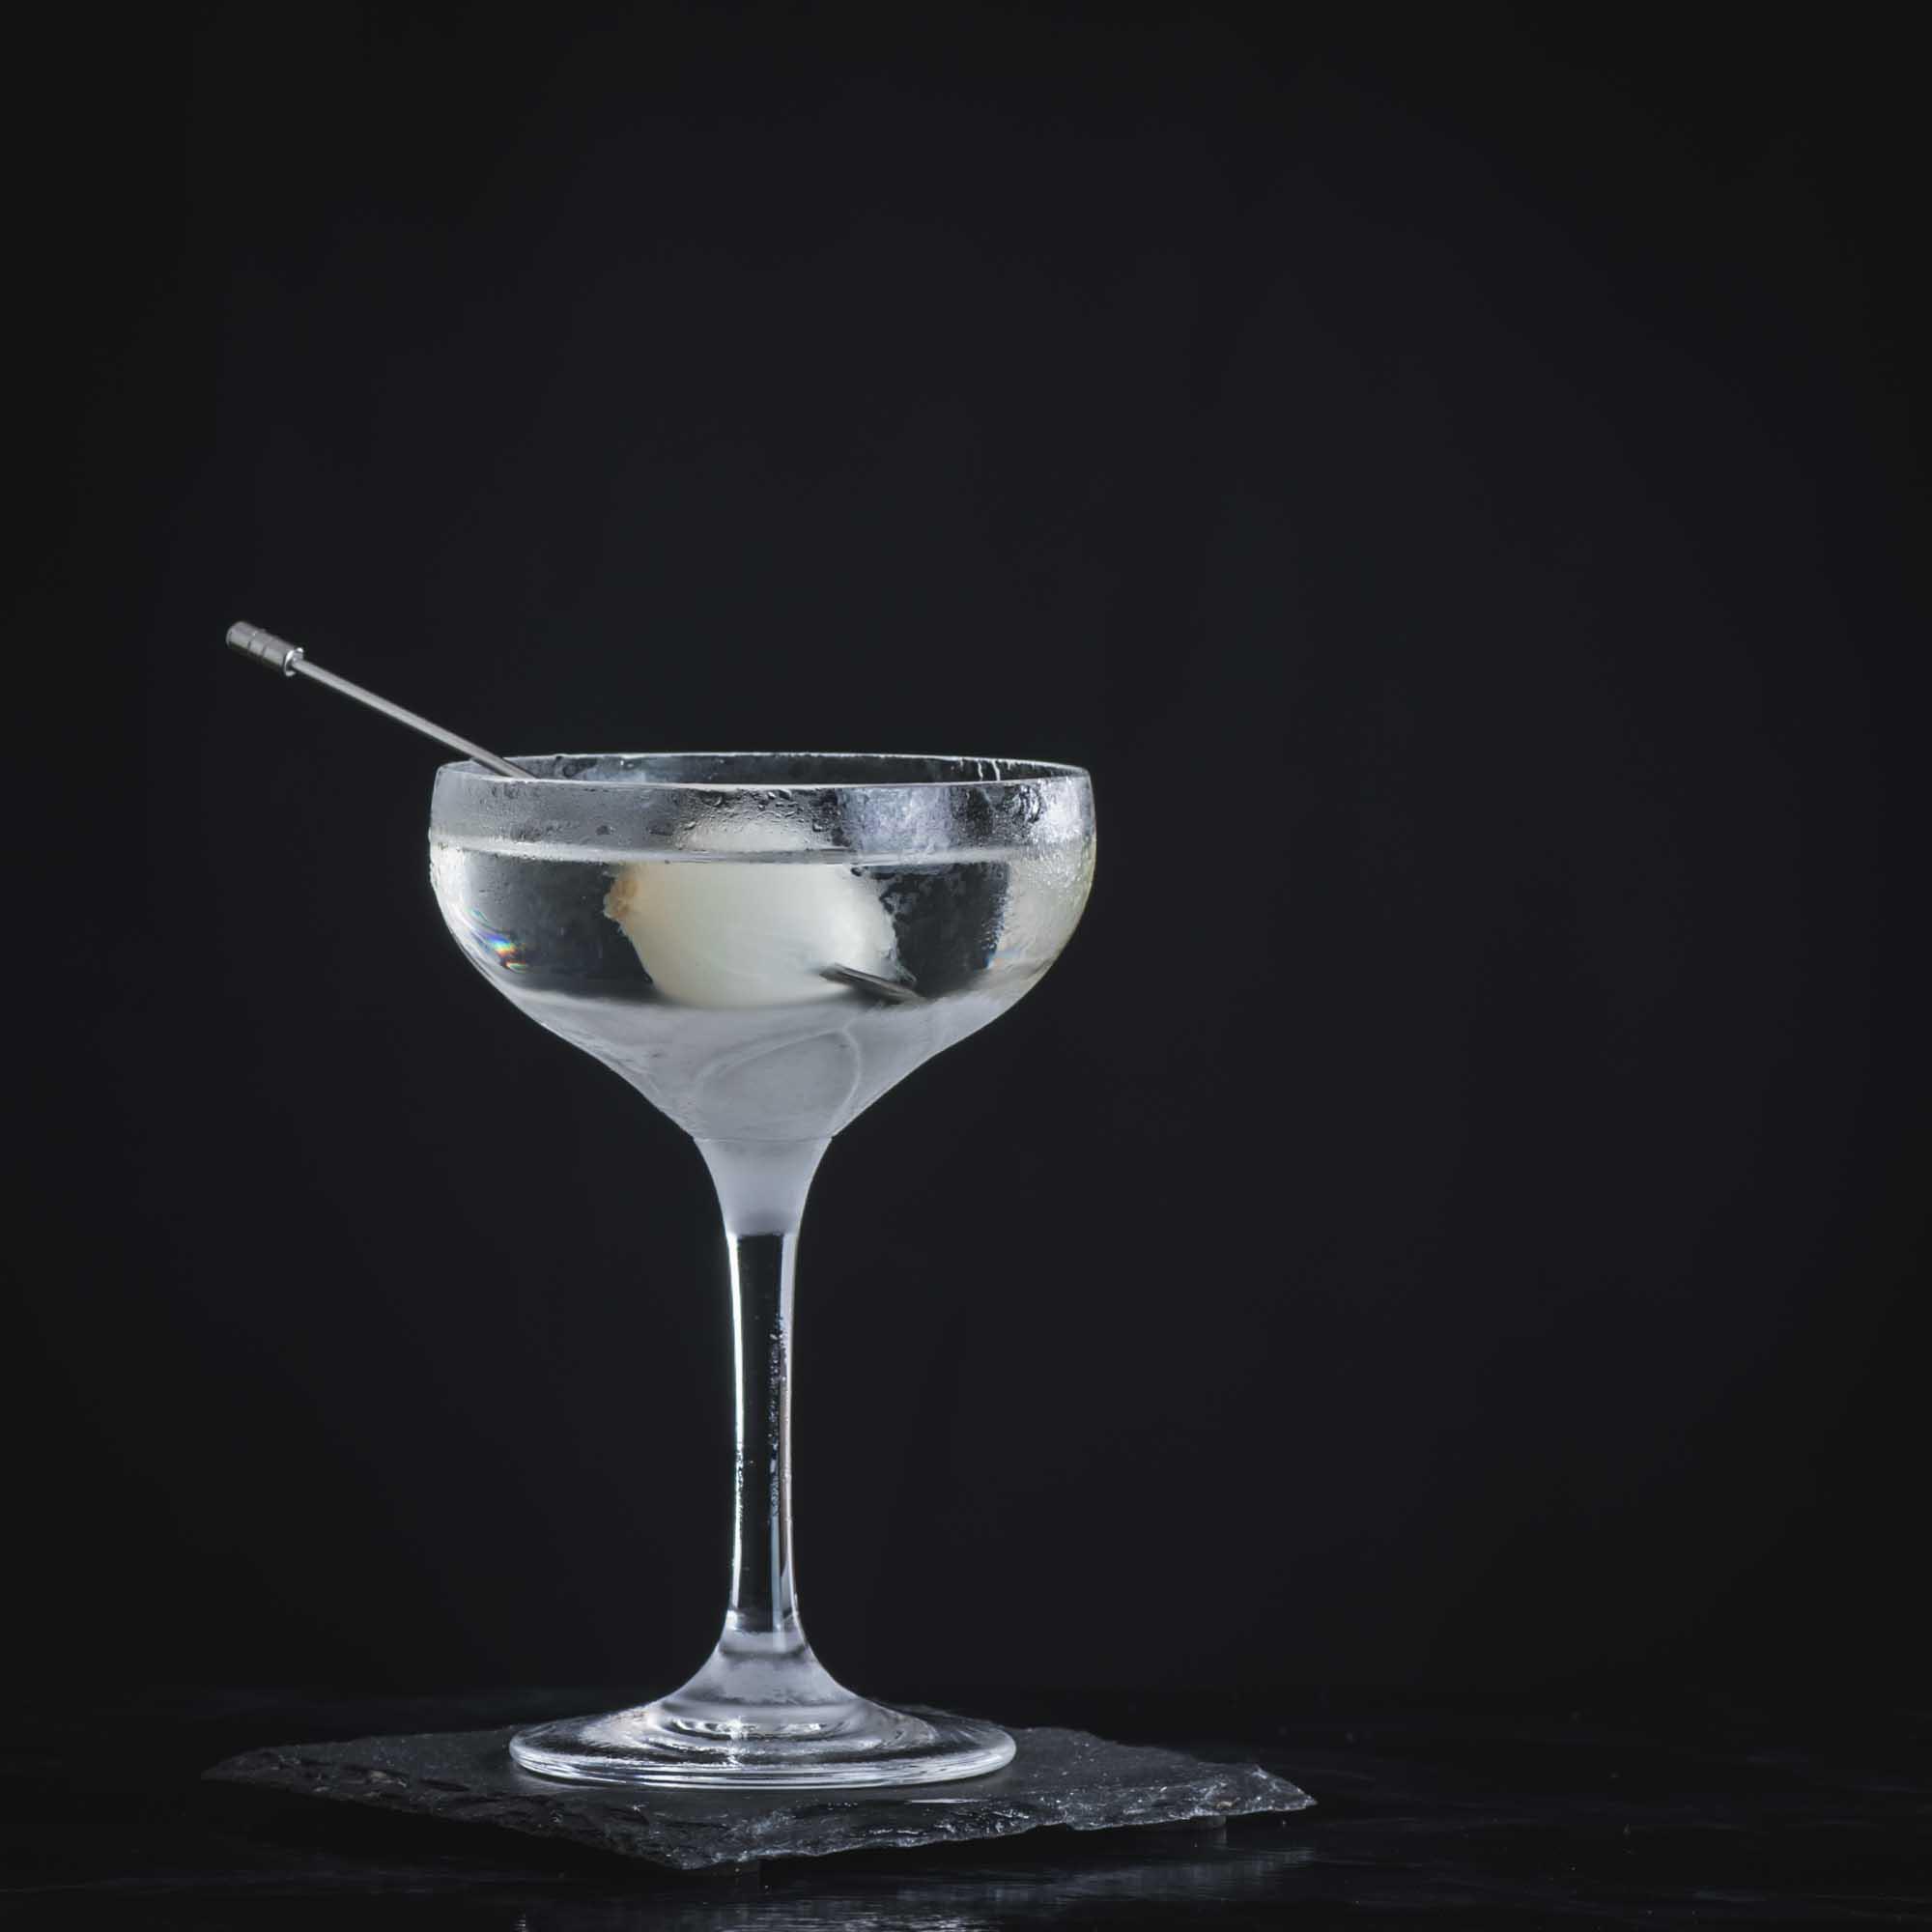 Ein Ghost Knife mit Gin, Sherry, Mezcal, Rum und mehr.